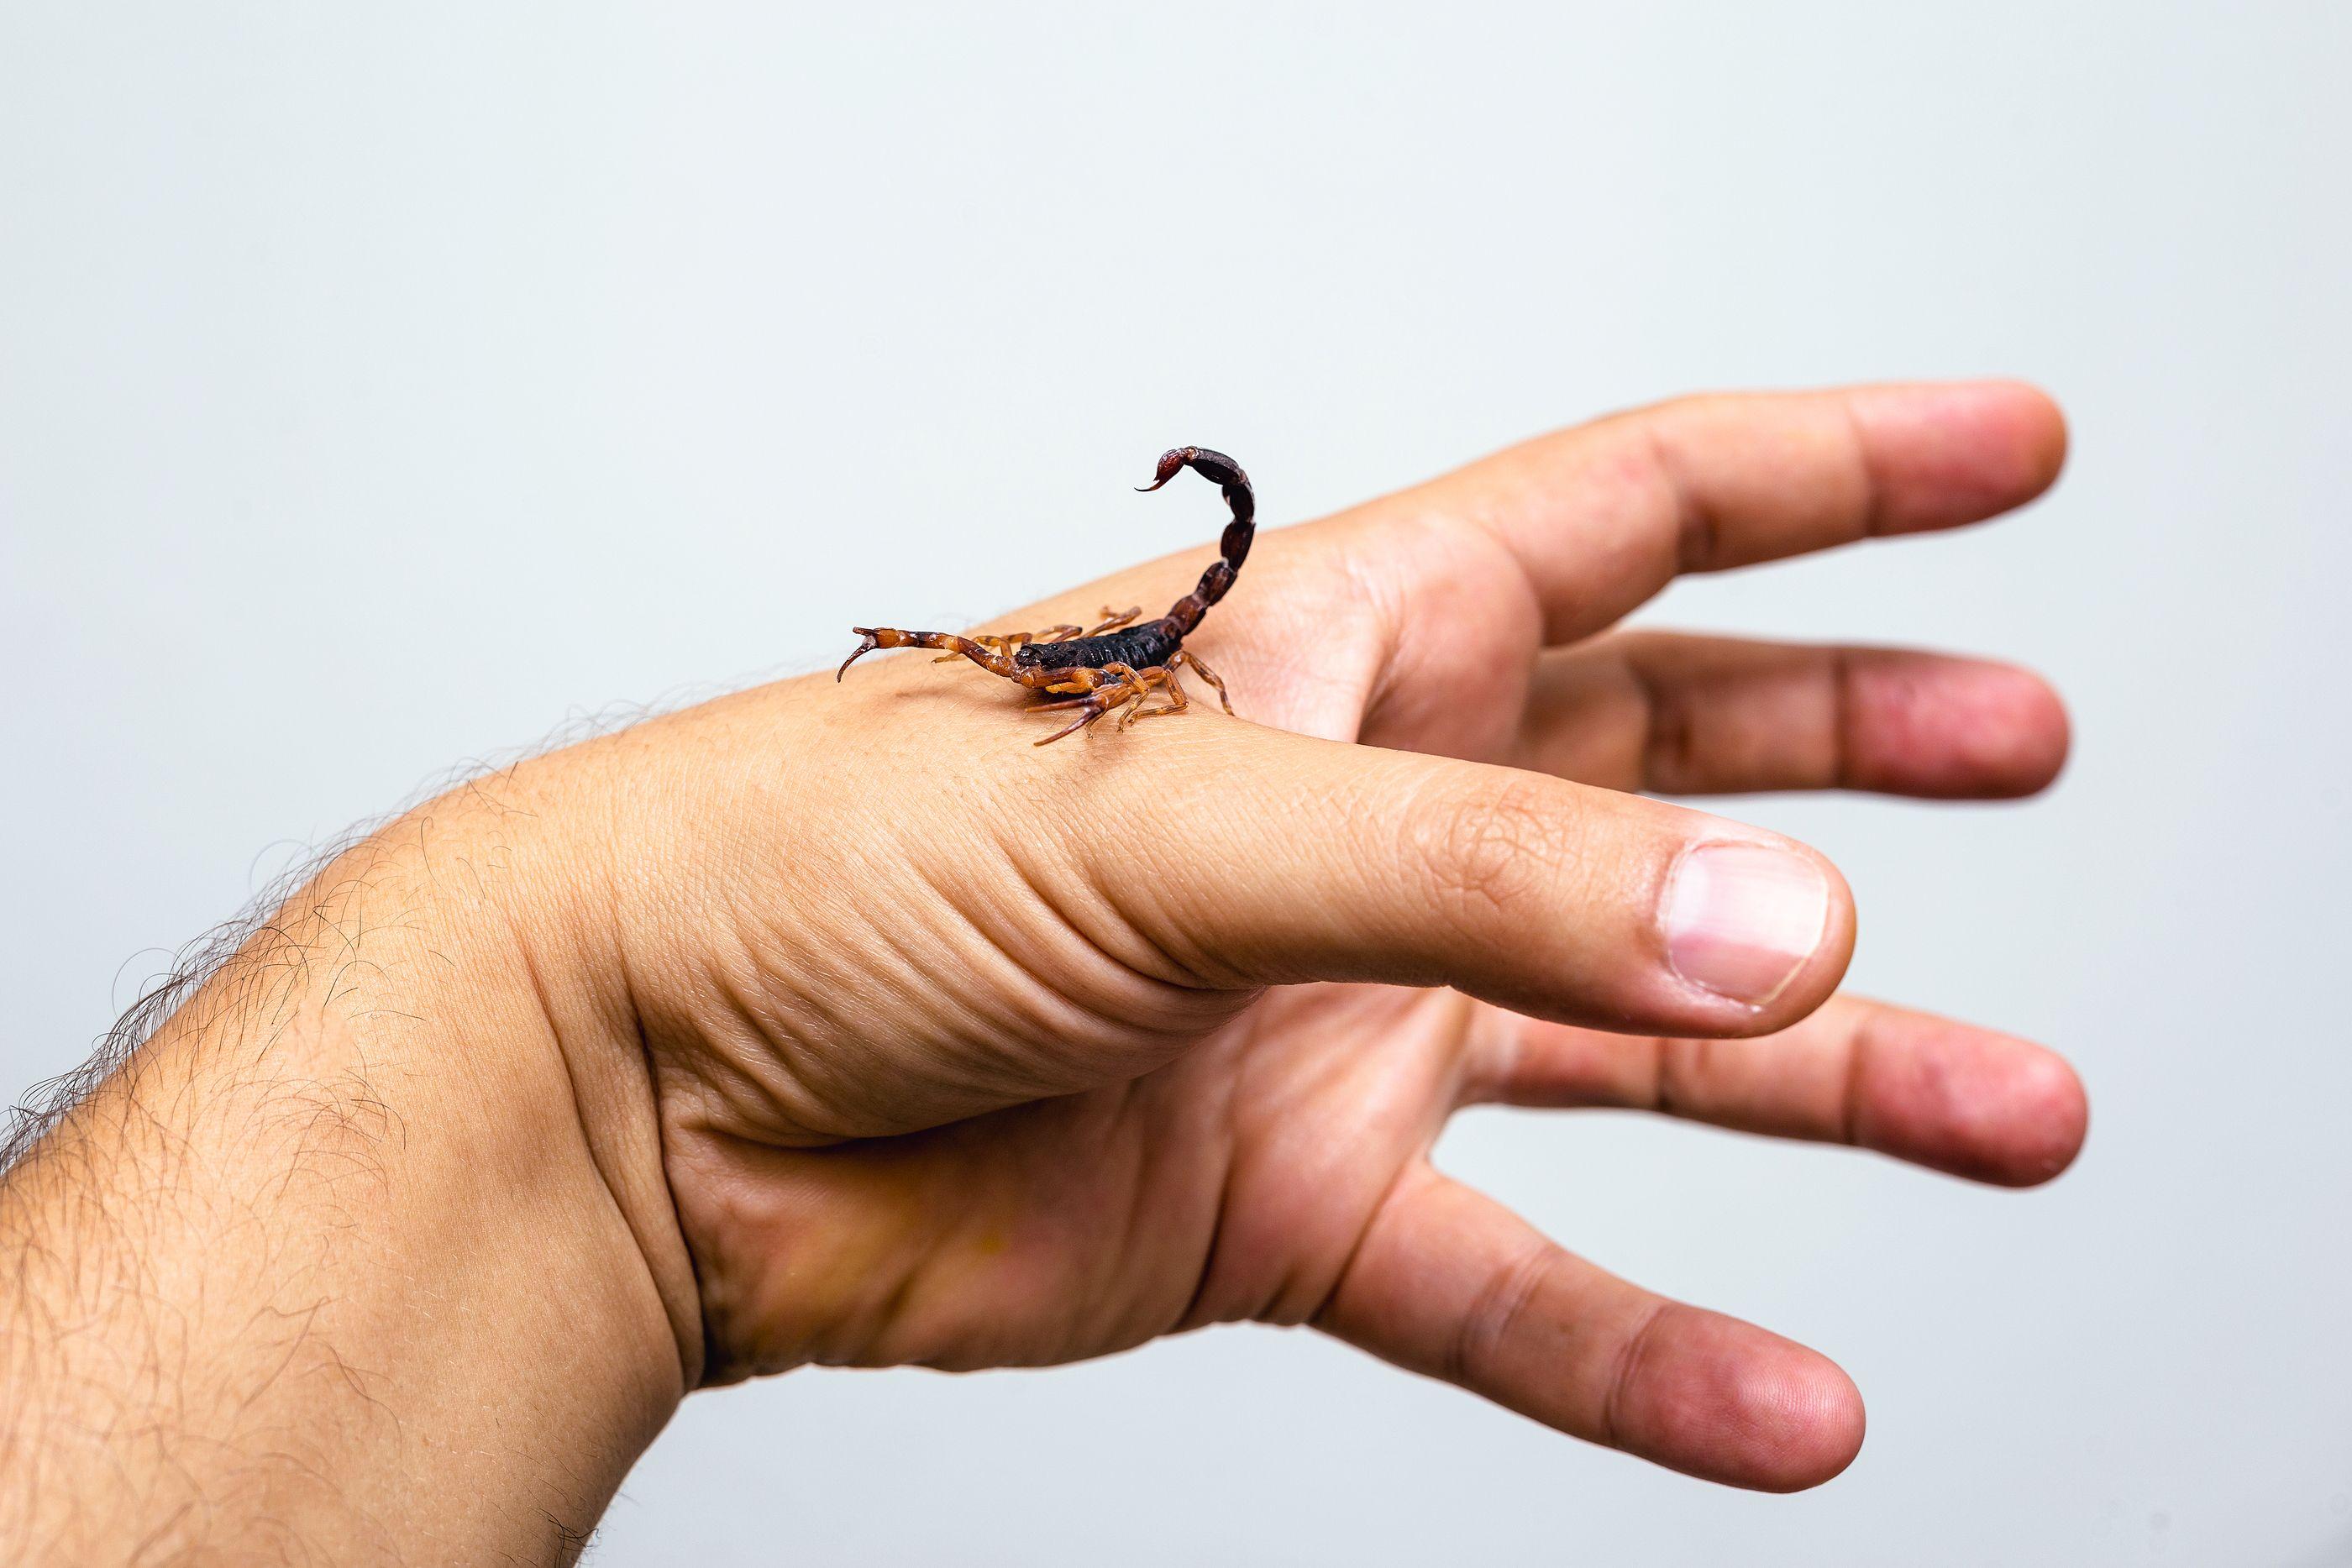 Mano escorpion- Imagen cortesía